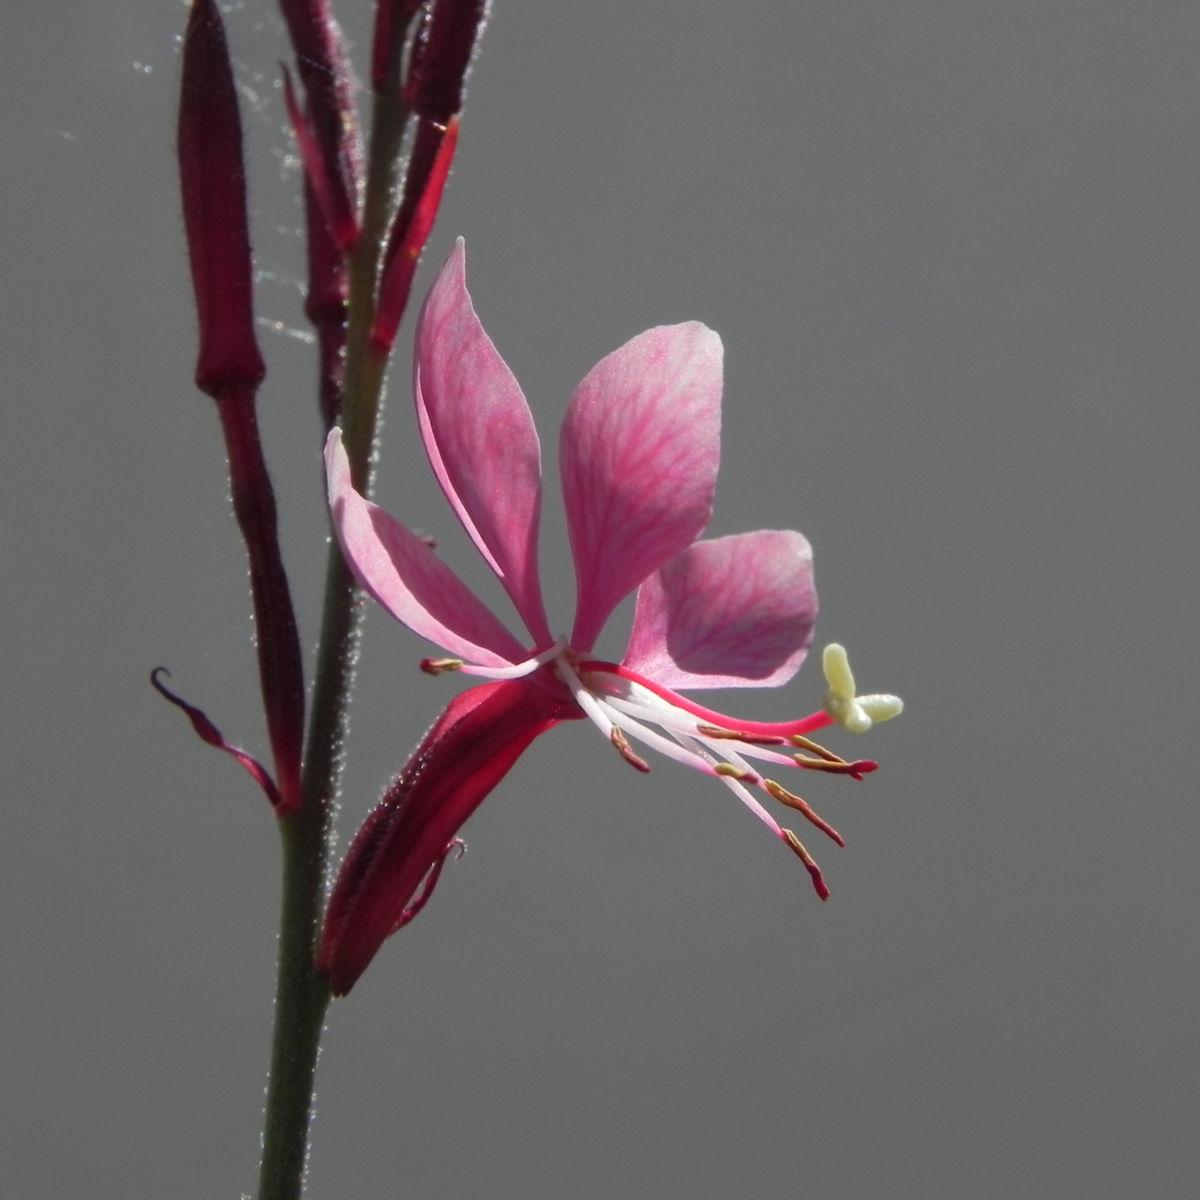 Schmalblaettriges Weidenroeschen Bluete pink Epilobium angustifolium